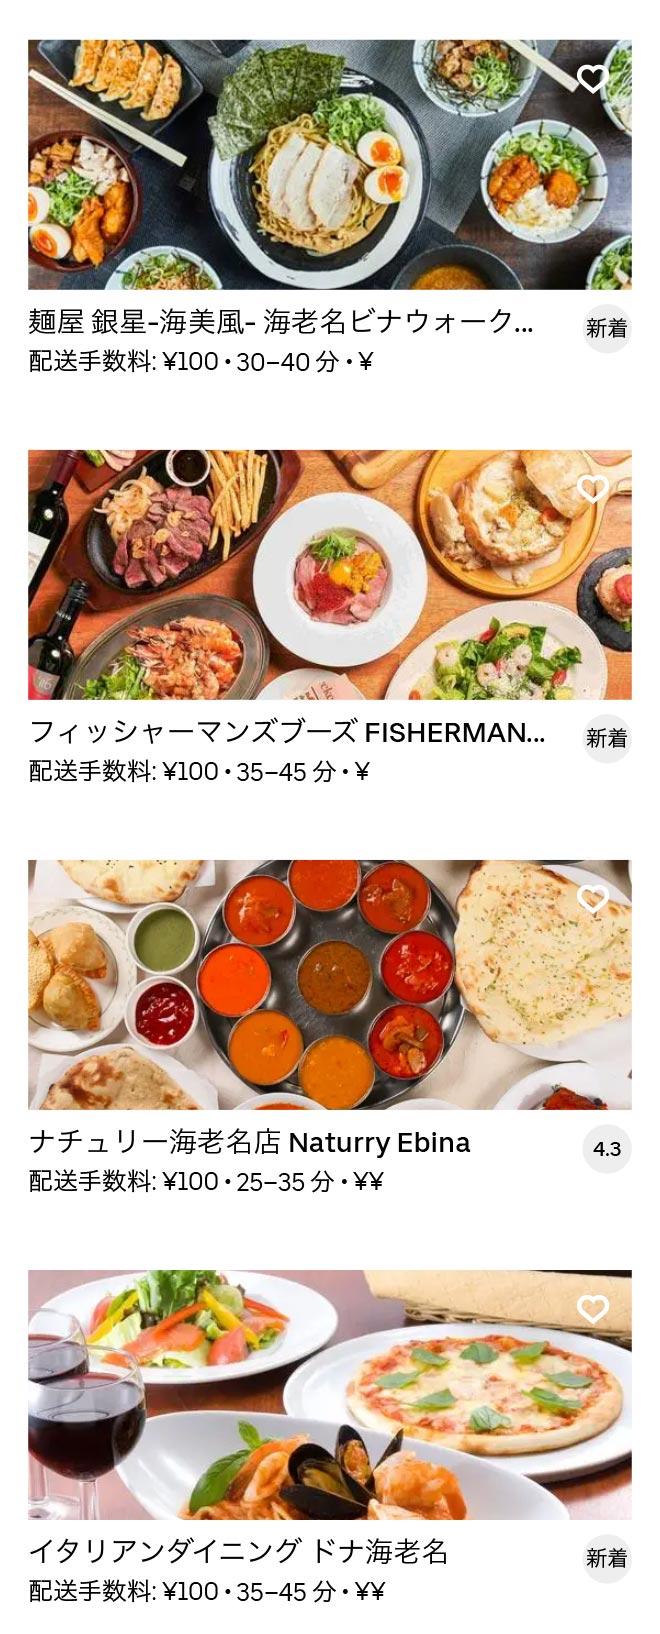 Ebina menu 2010 09